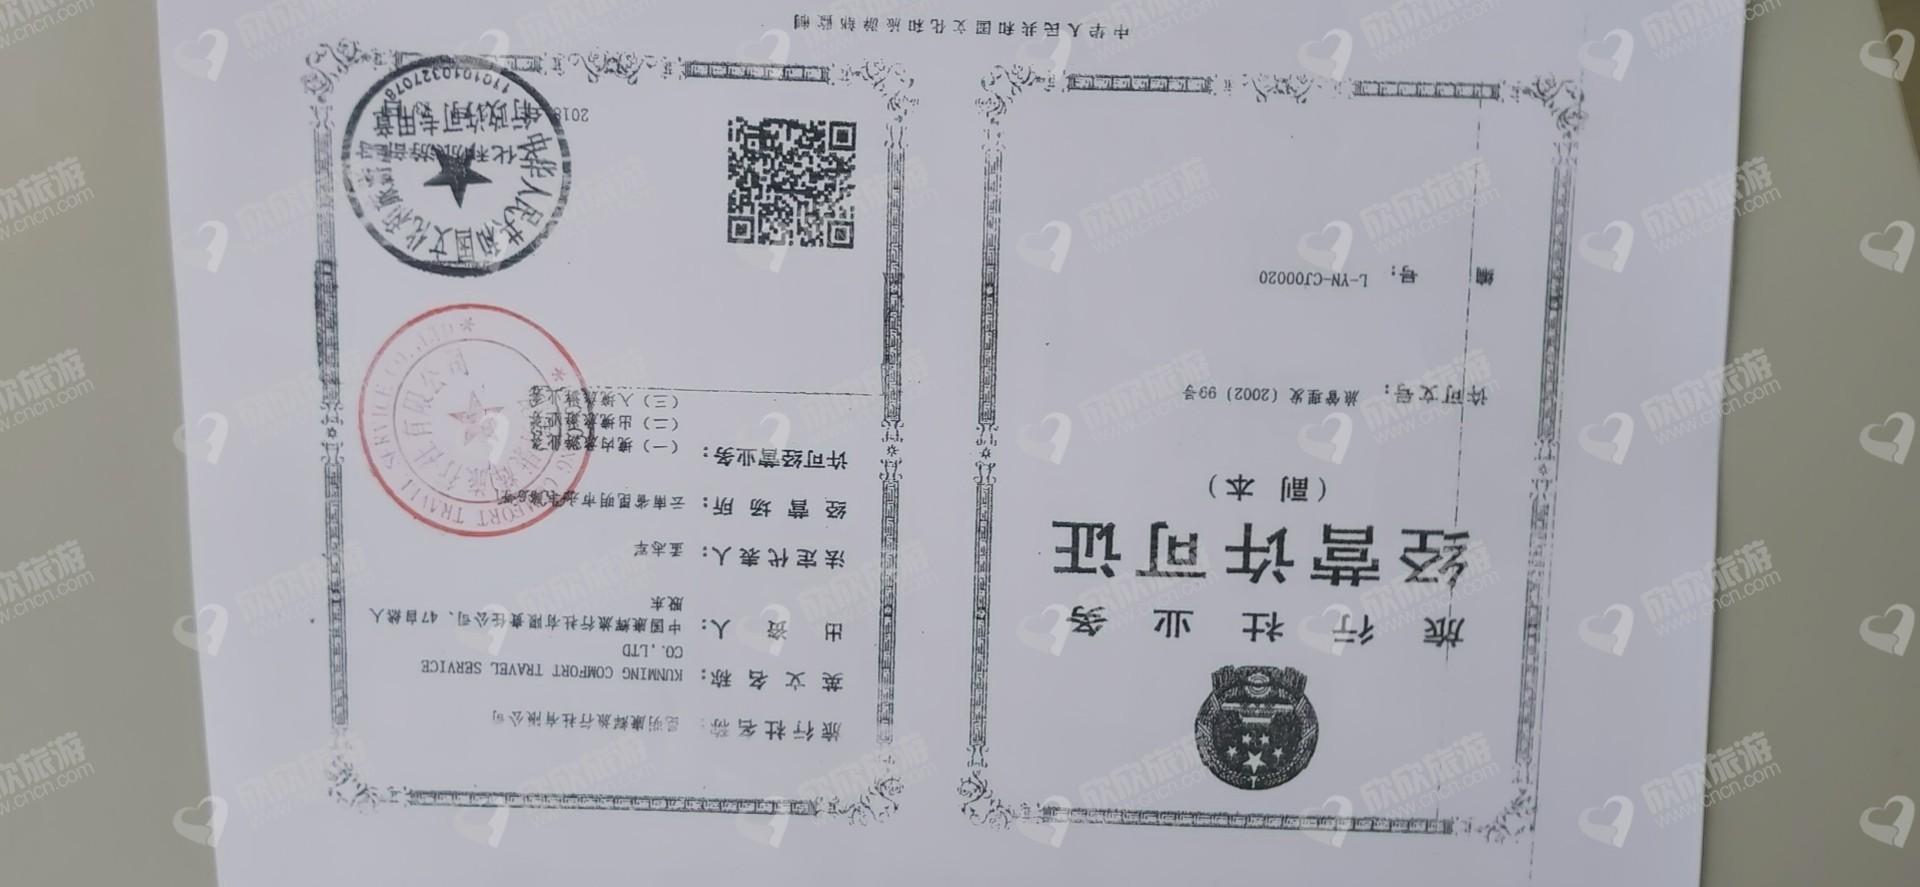 昆明康辉旅行社有限公司经营许可证